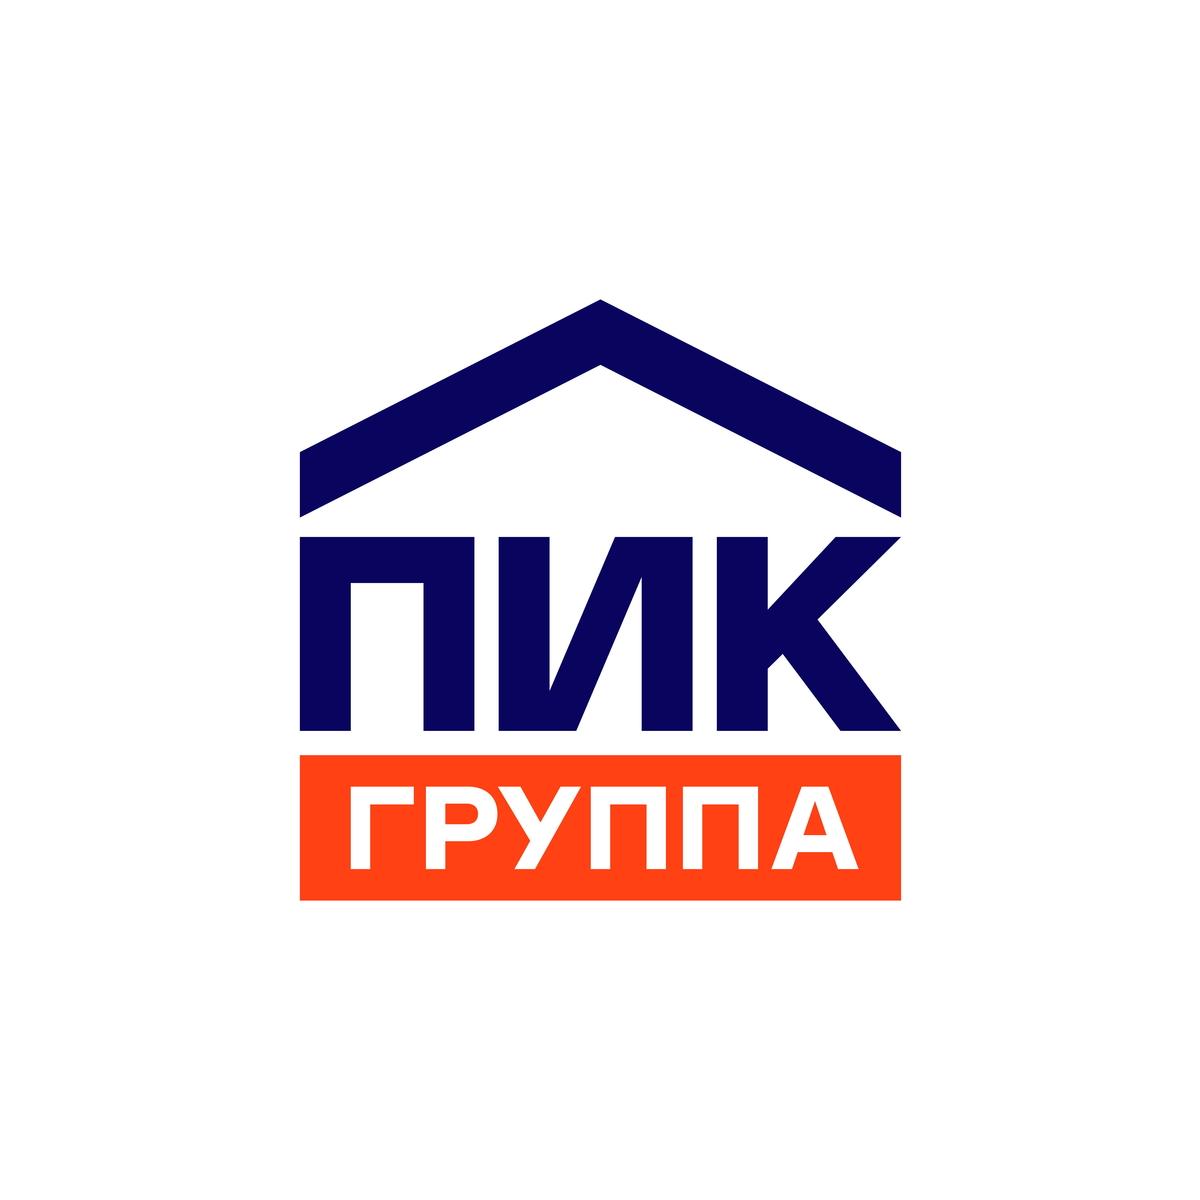 Пик строительная компания официальный сайт тендеры как пользоваться ucoz создание сайтов